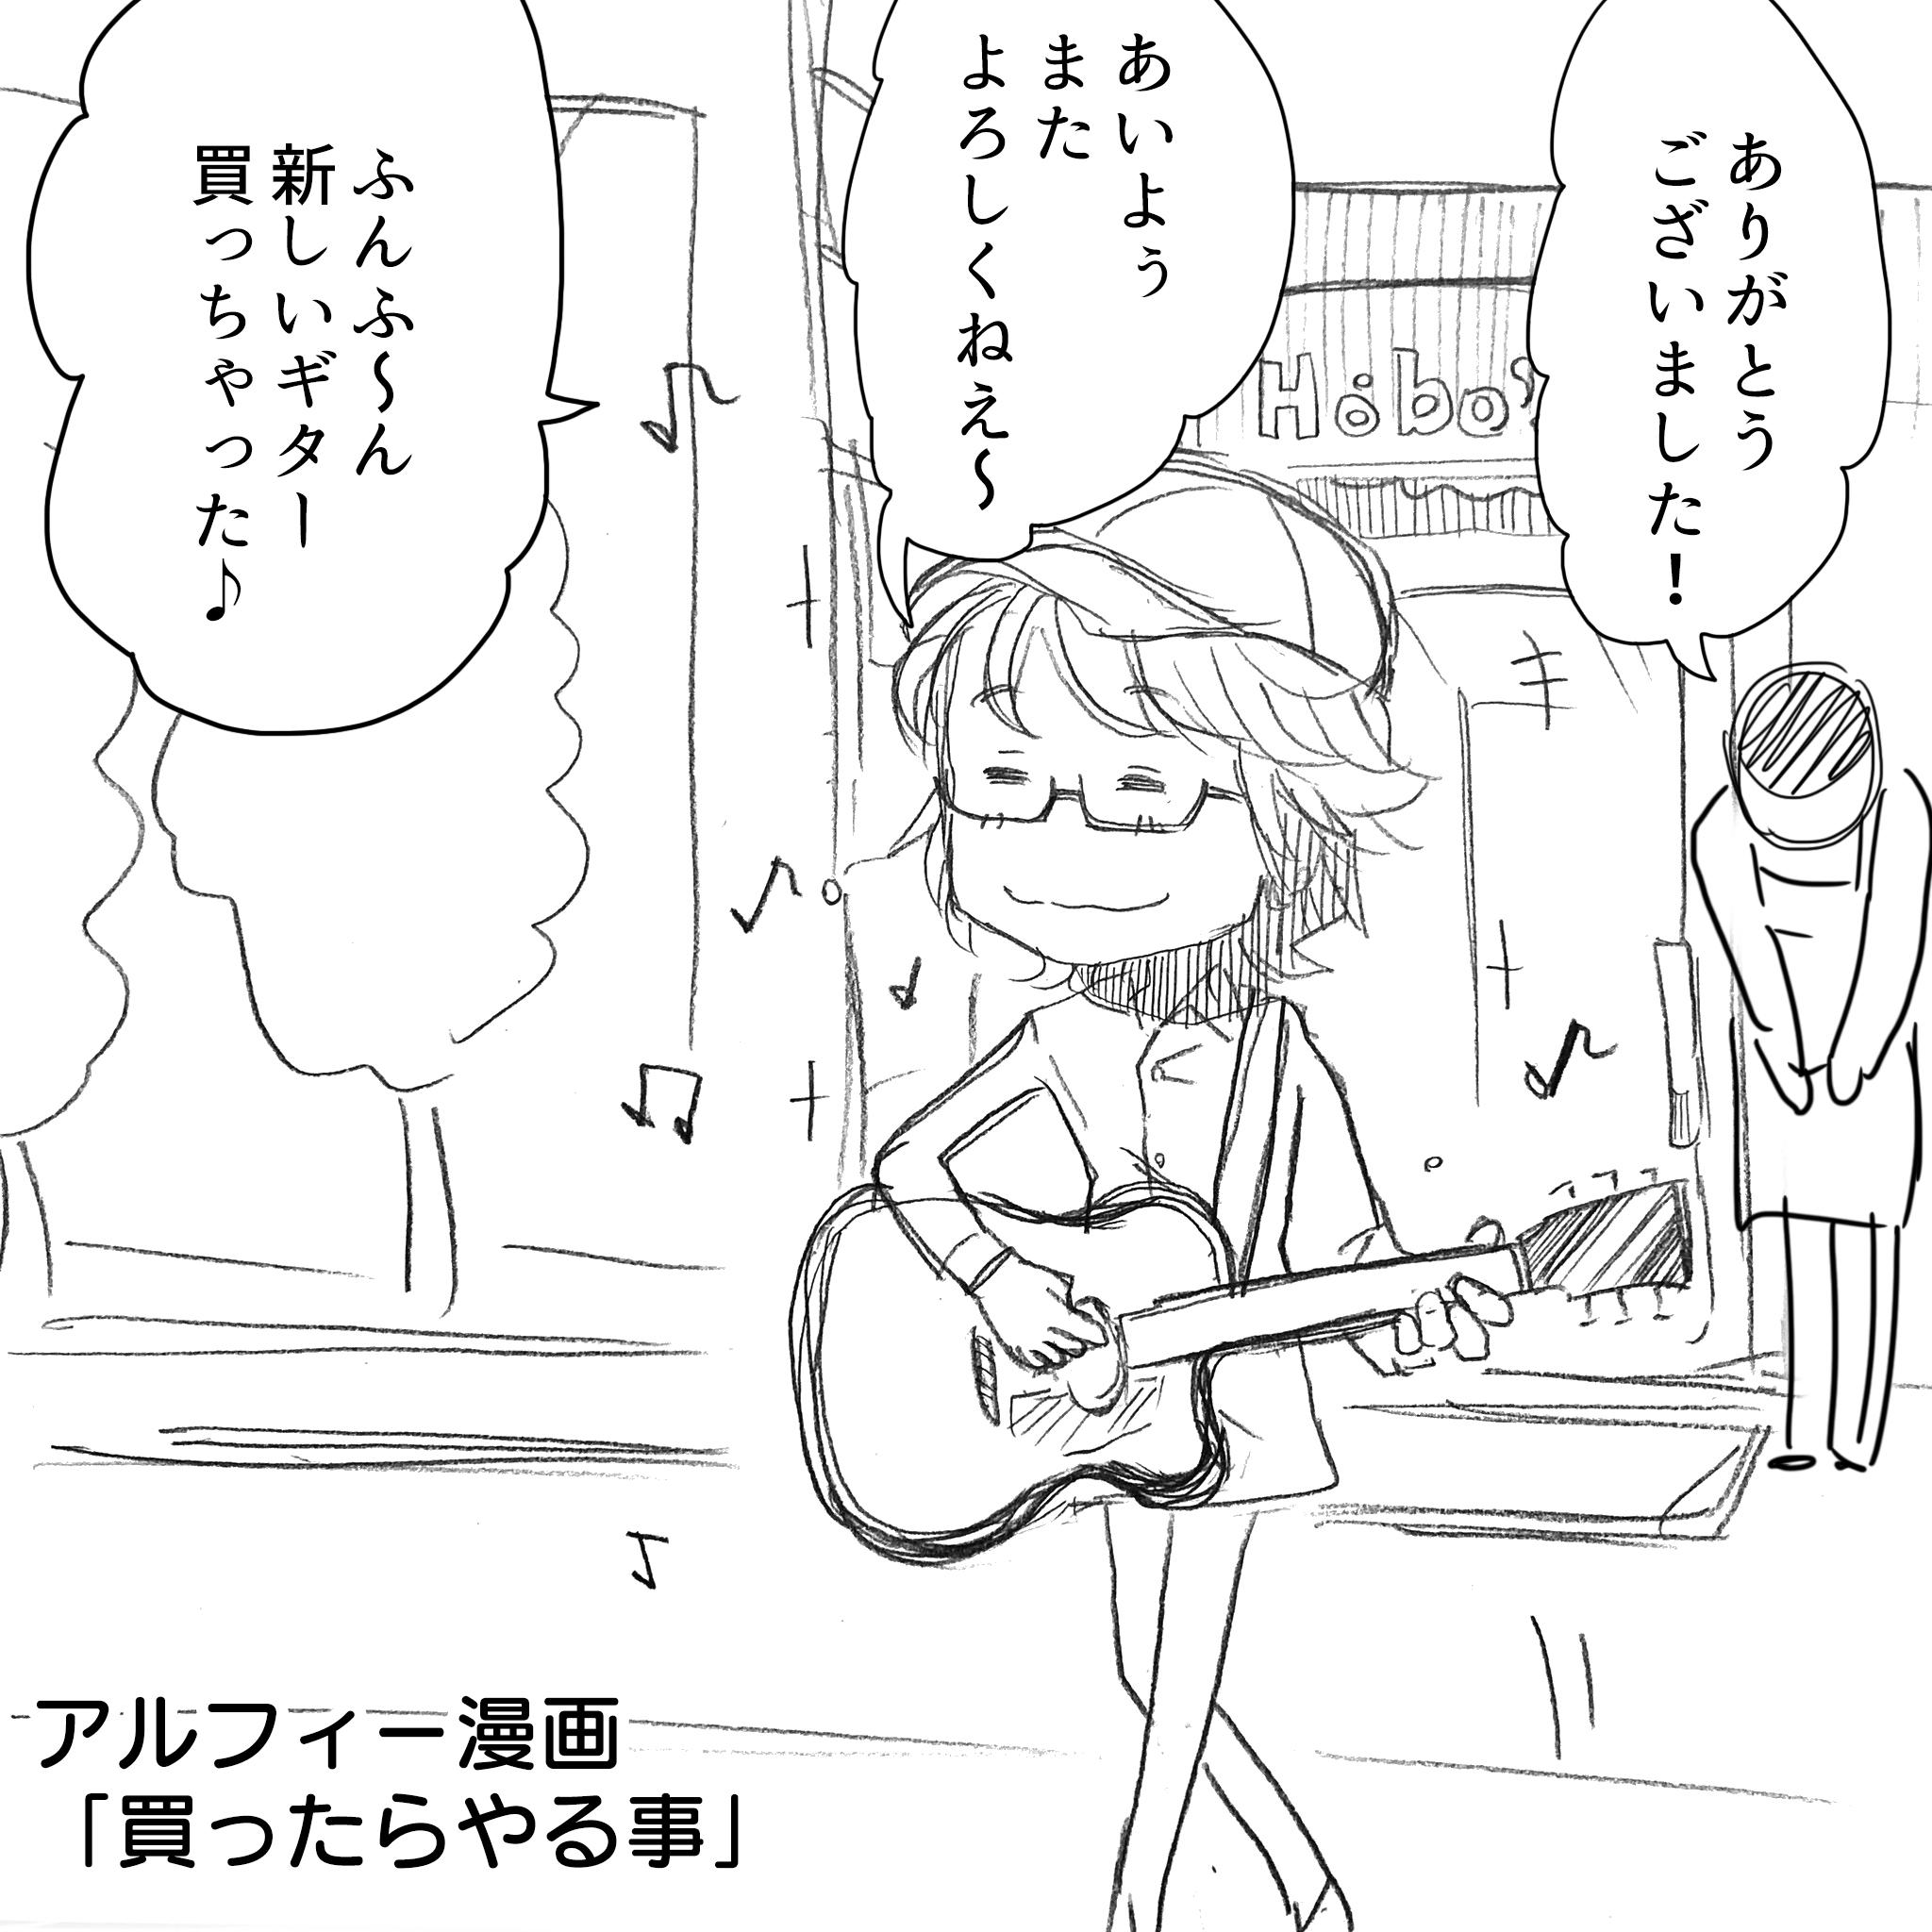 坂崎さんギターを買う1